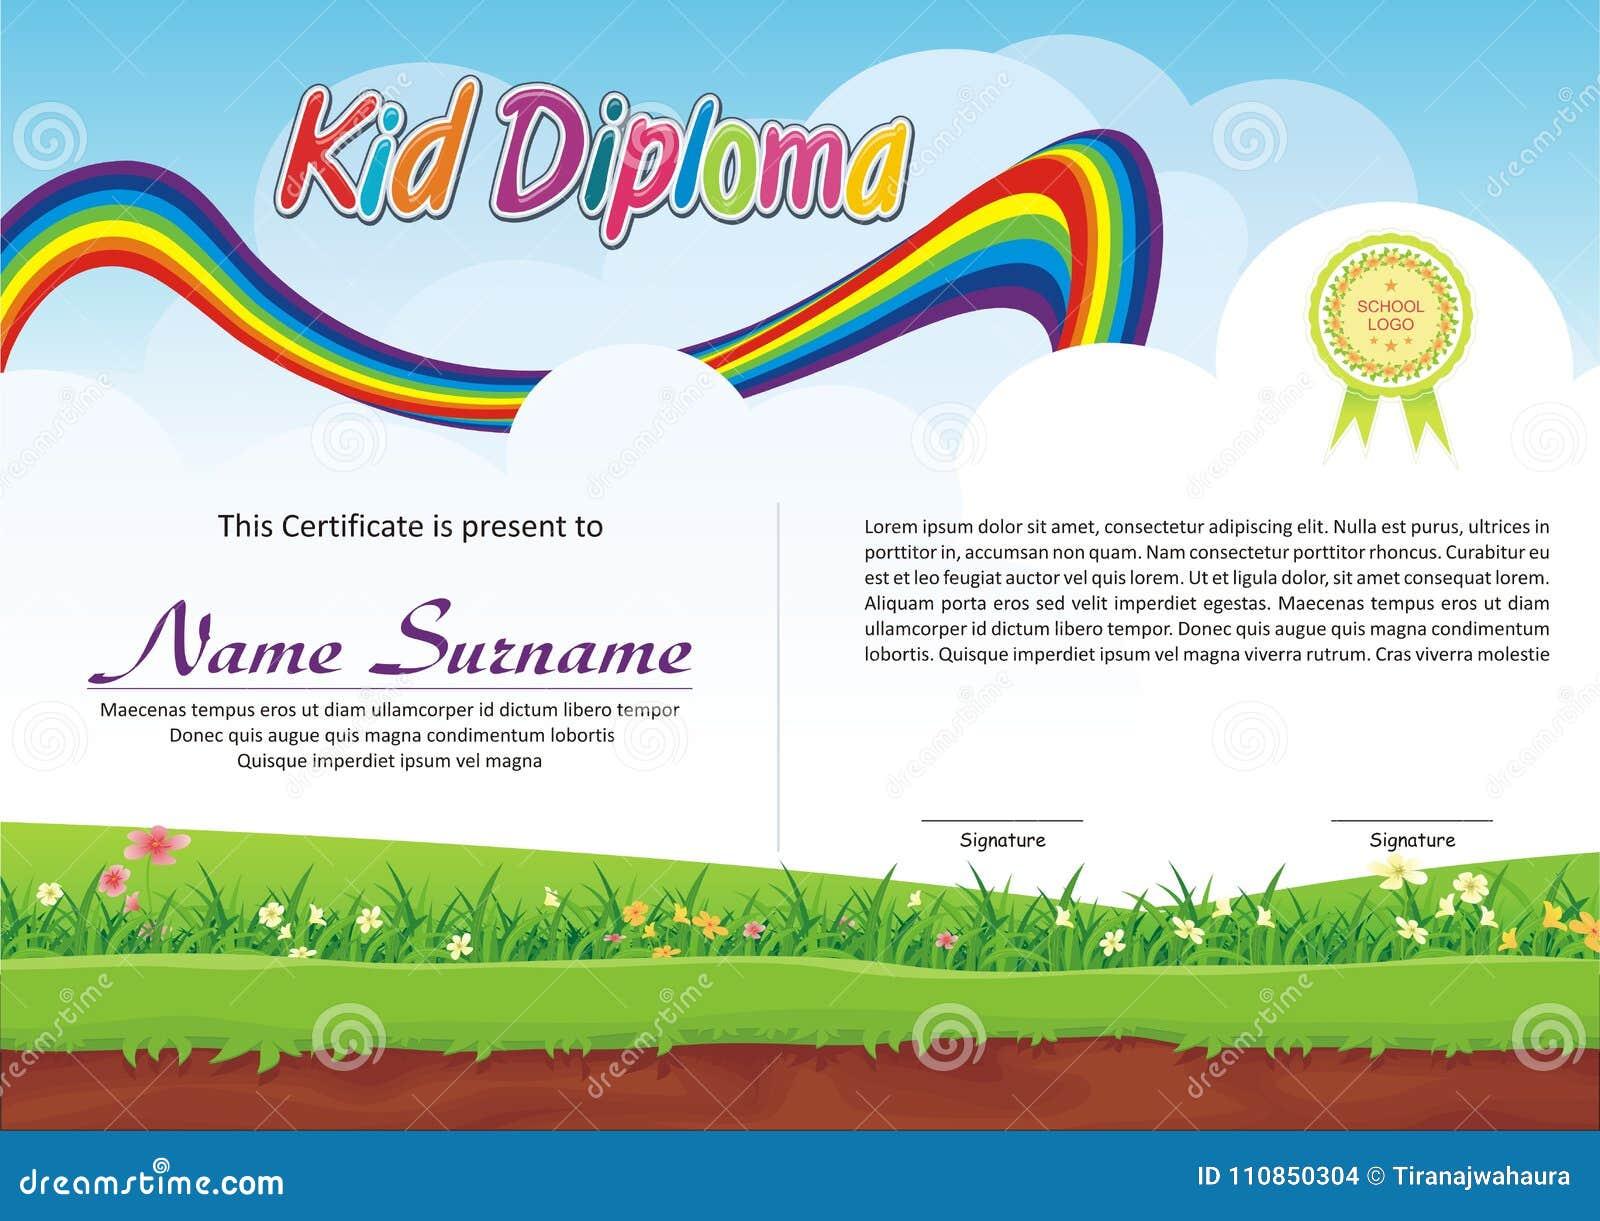 lovely kid diploma certificate stock vector illustration of